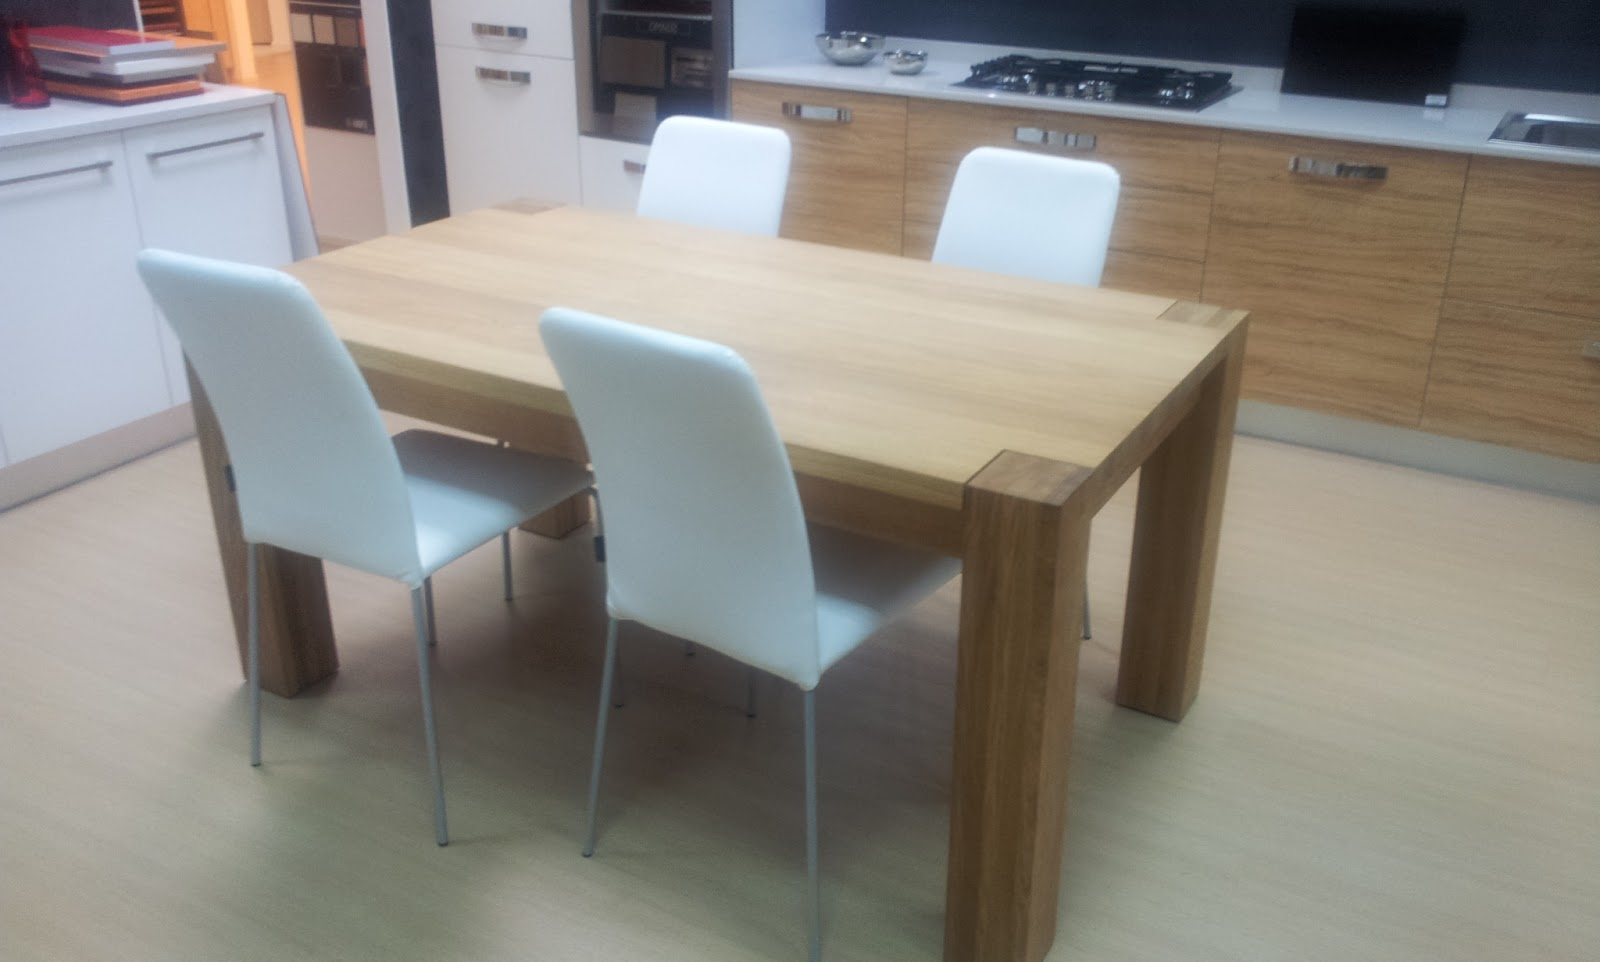 Casa dolce casa il tavolo della cucina - Dimensioni tavoli da cucina ...